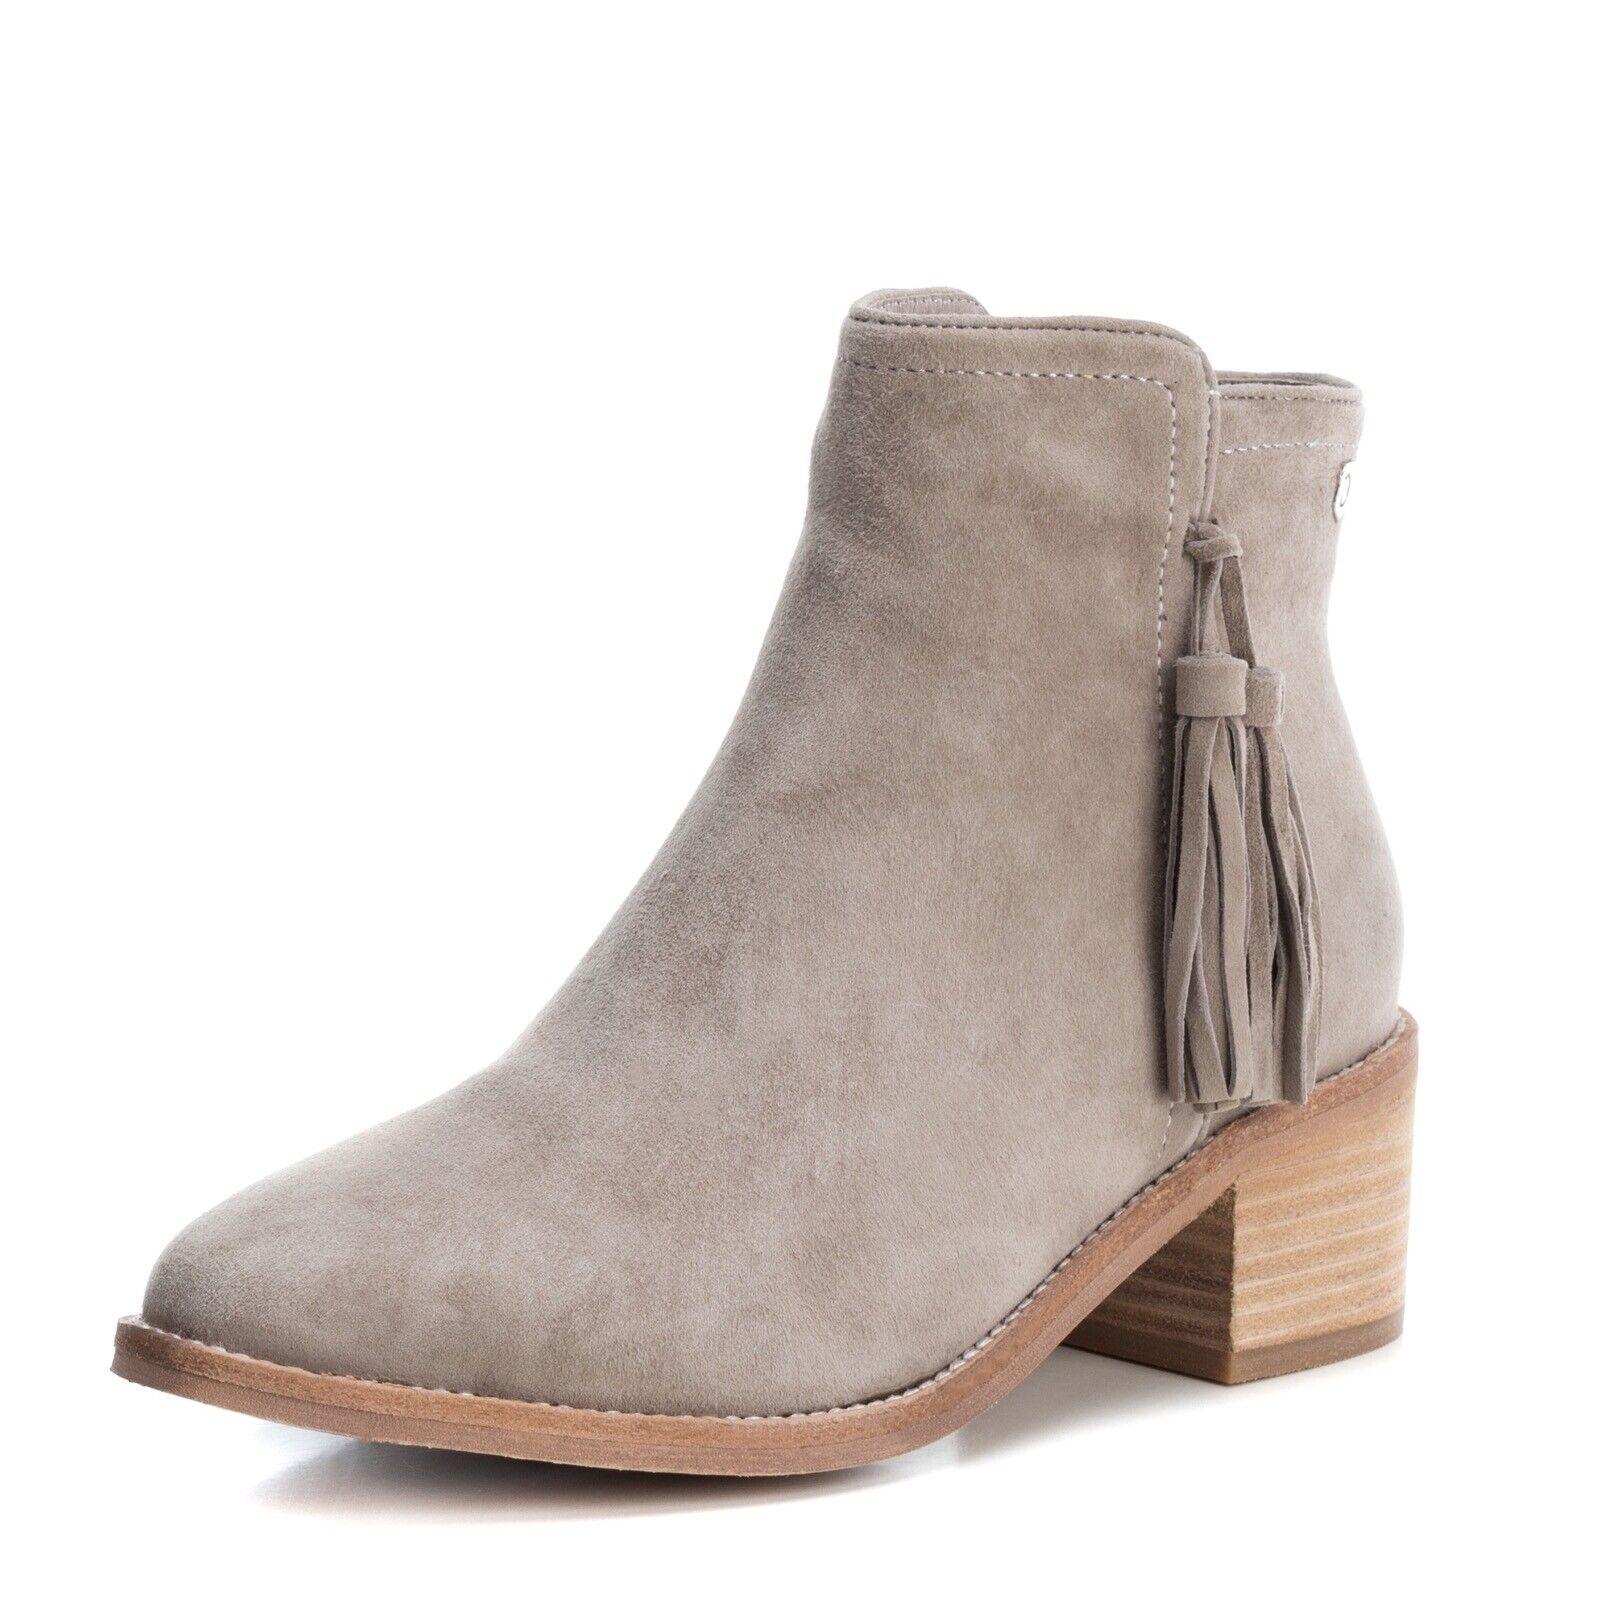 Carmela di Xti scarpe 6666698 Taupe Marroneeish  grigio Suede Ankle avvio Sue stivali  il prezzo più basso